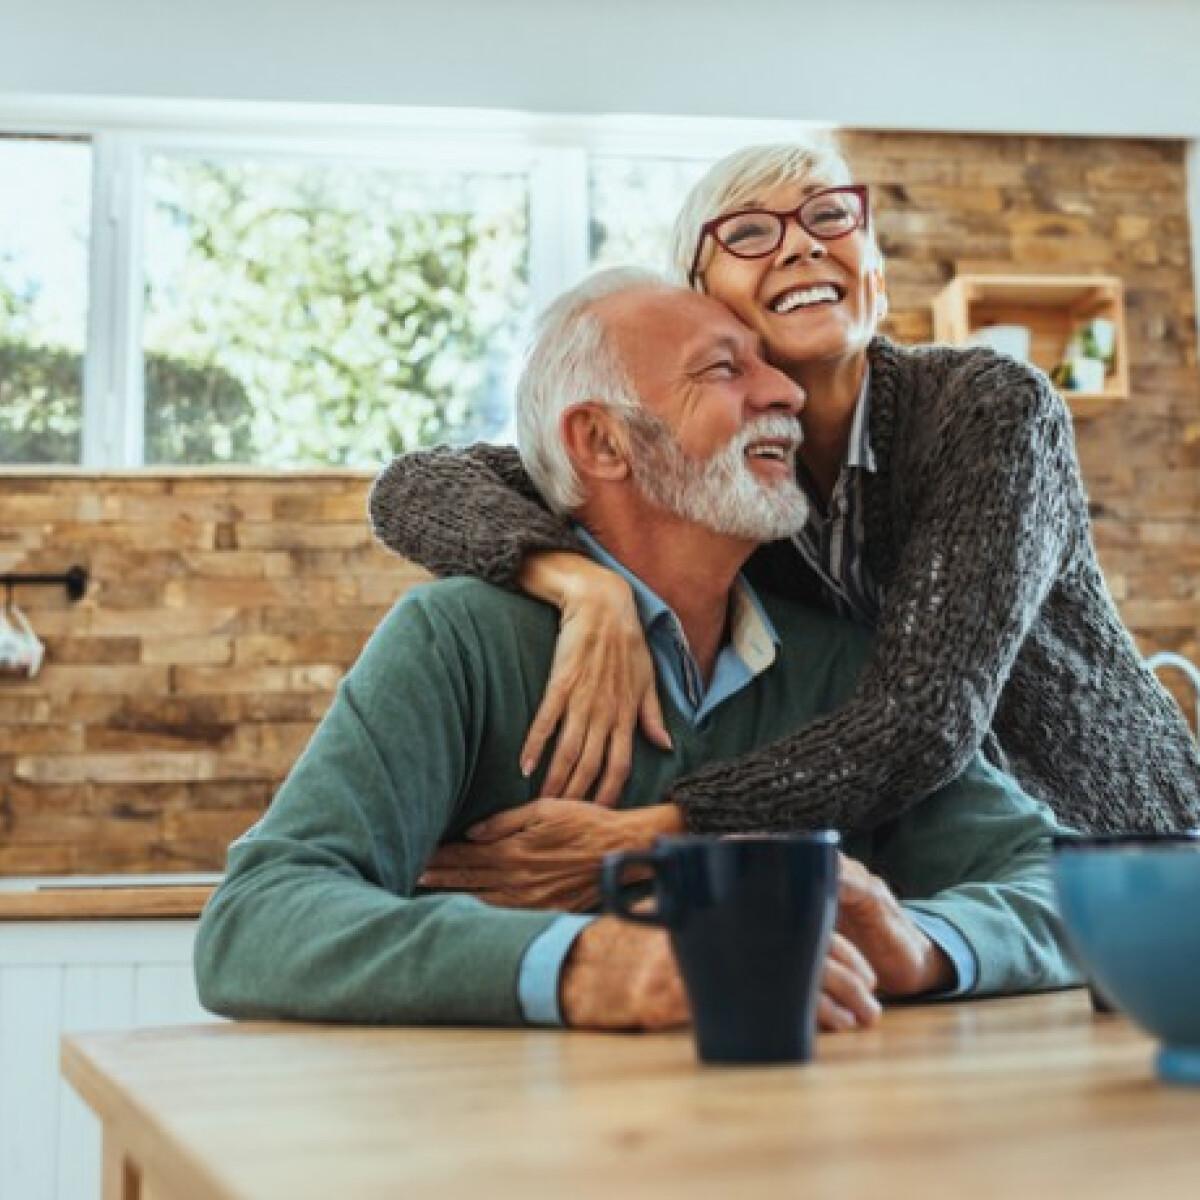 Itt a garancia a hosszú életre - 3+1 tipp, hogy boldog időskorod legyen